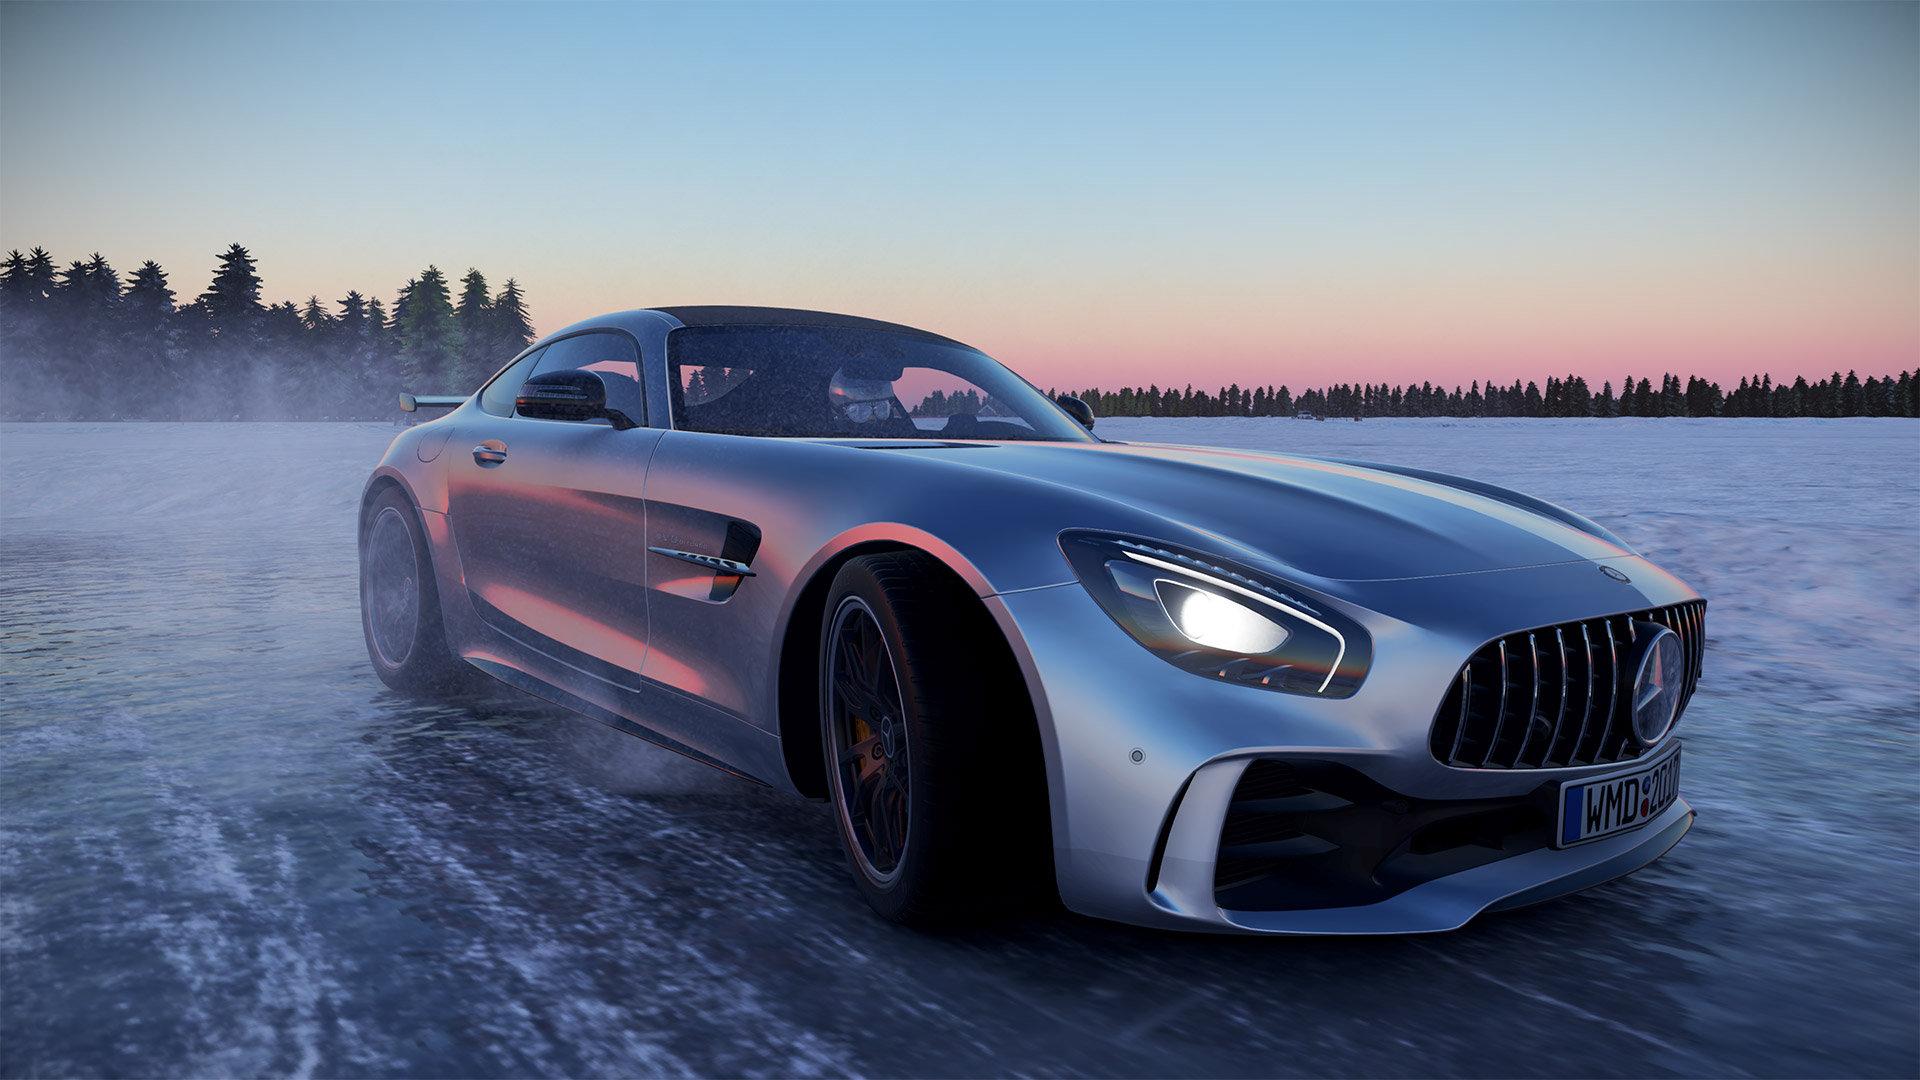 سازندگان Project Cars از احتمال ساخت یک عنوان مسابقهای آرکید میگویند